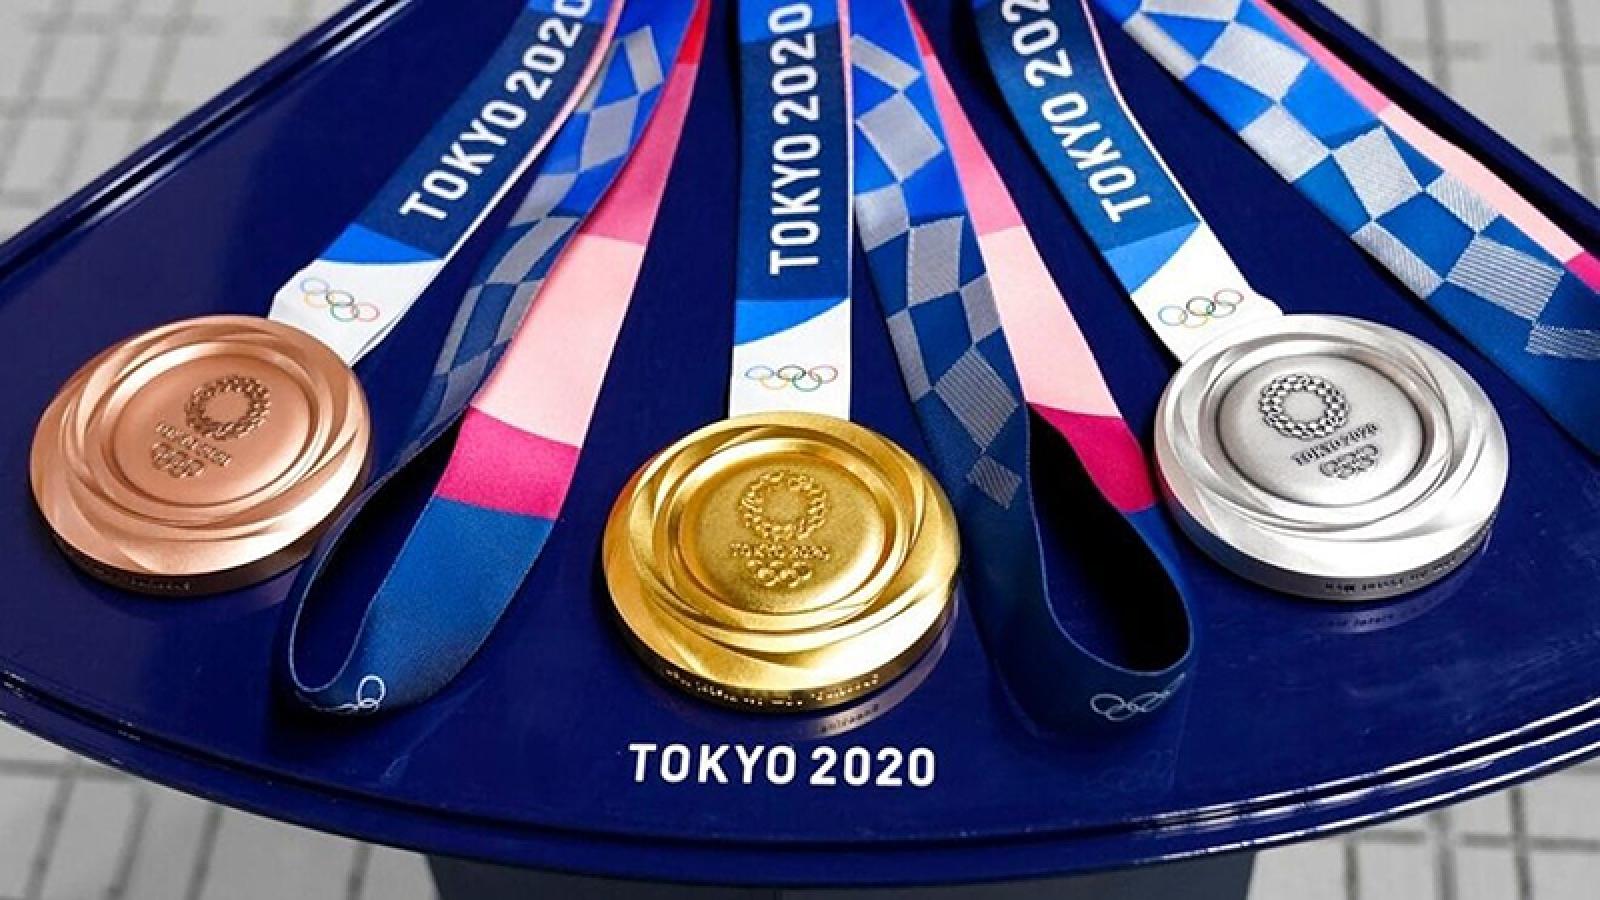 Huy chương Olympic 2020 được làm từ thiết bị điện tử tái chế